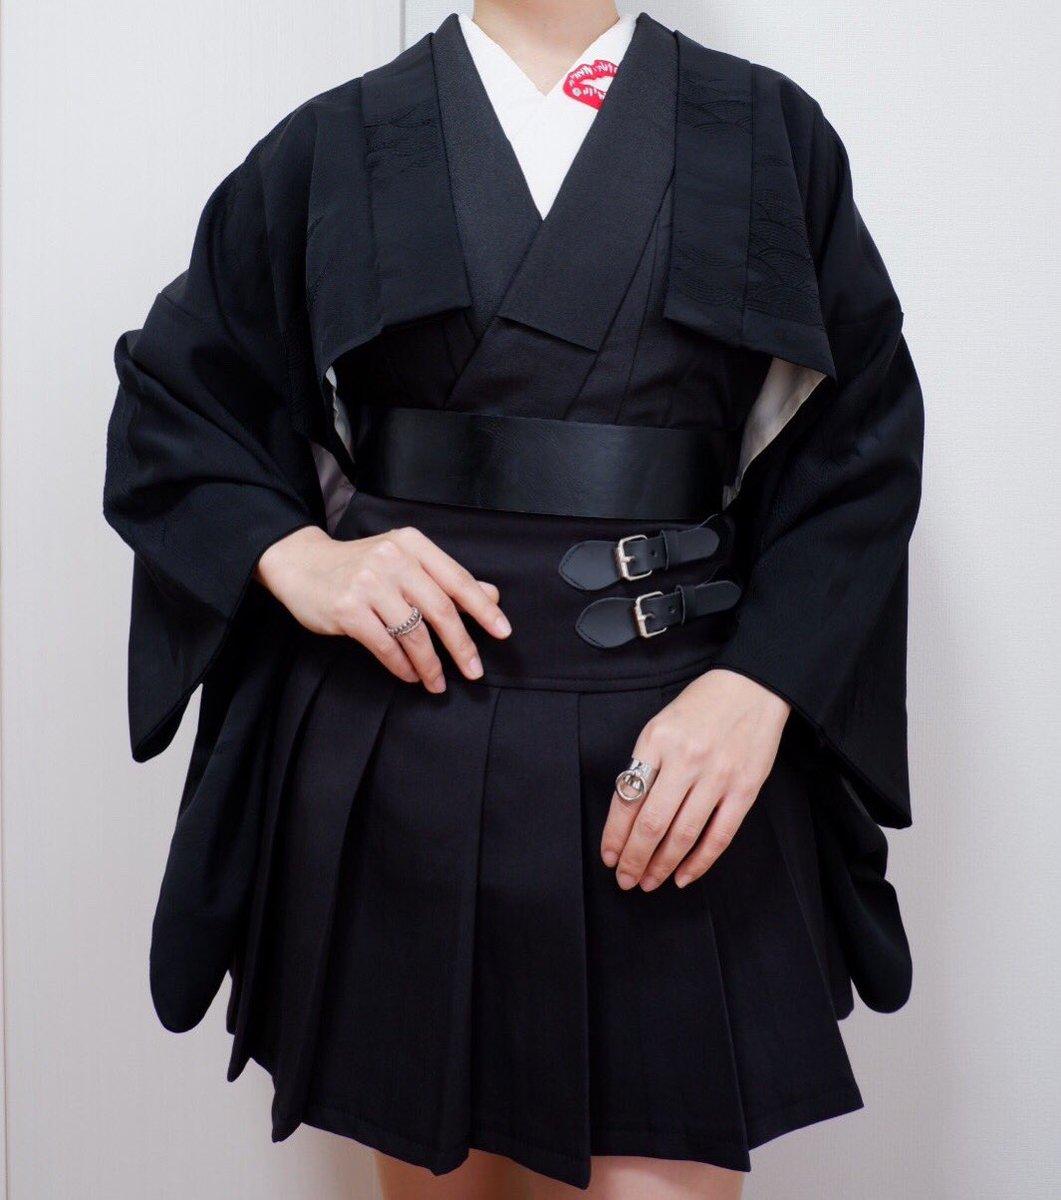 現代風ブラック着物コーデ。 着物は切らずに短く着付けてスカートと合わせてみた…! 羽織丈が短くてベルト位置が高いので脚長効果があるのも、真っ黒コーデ特有のカッコいい雰囲気が出るのも好き…!